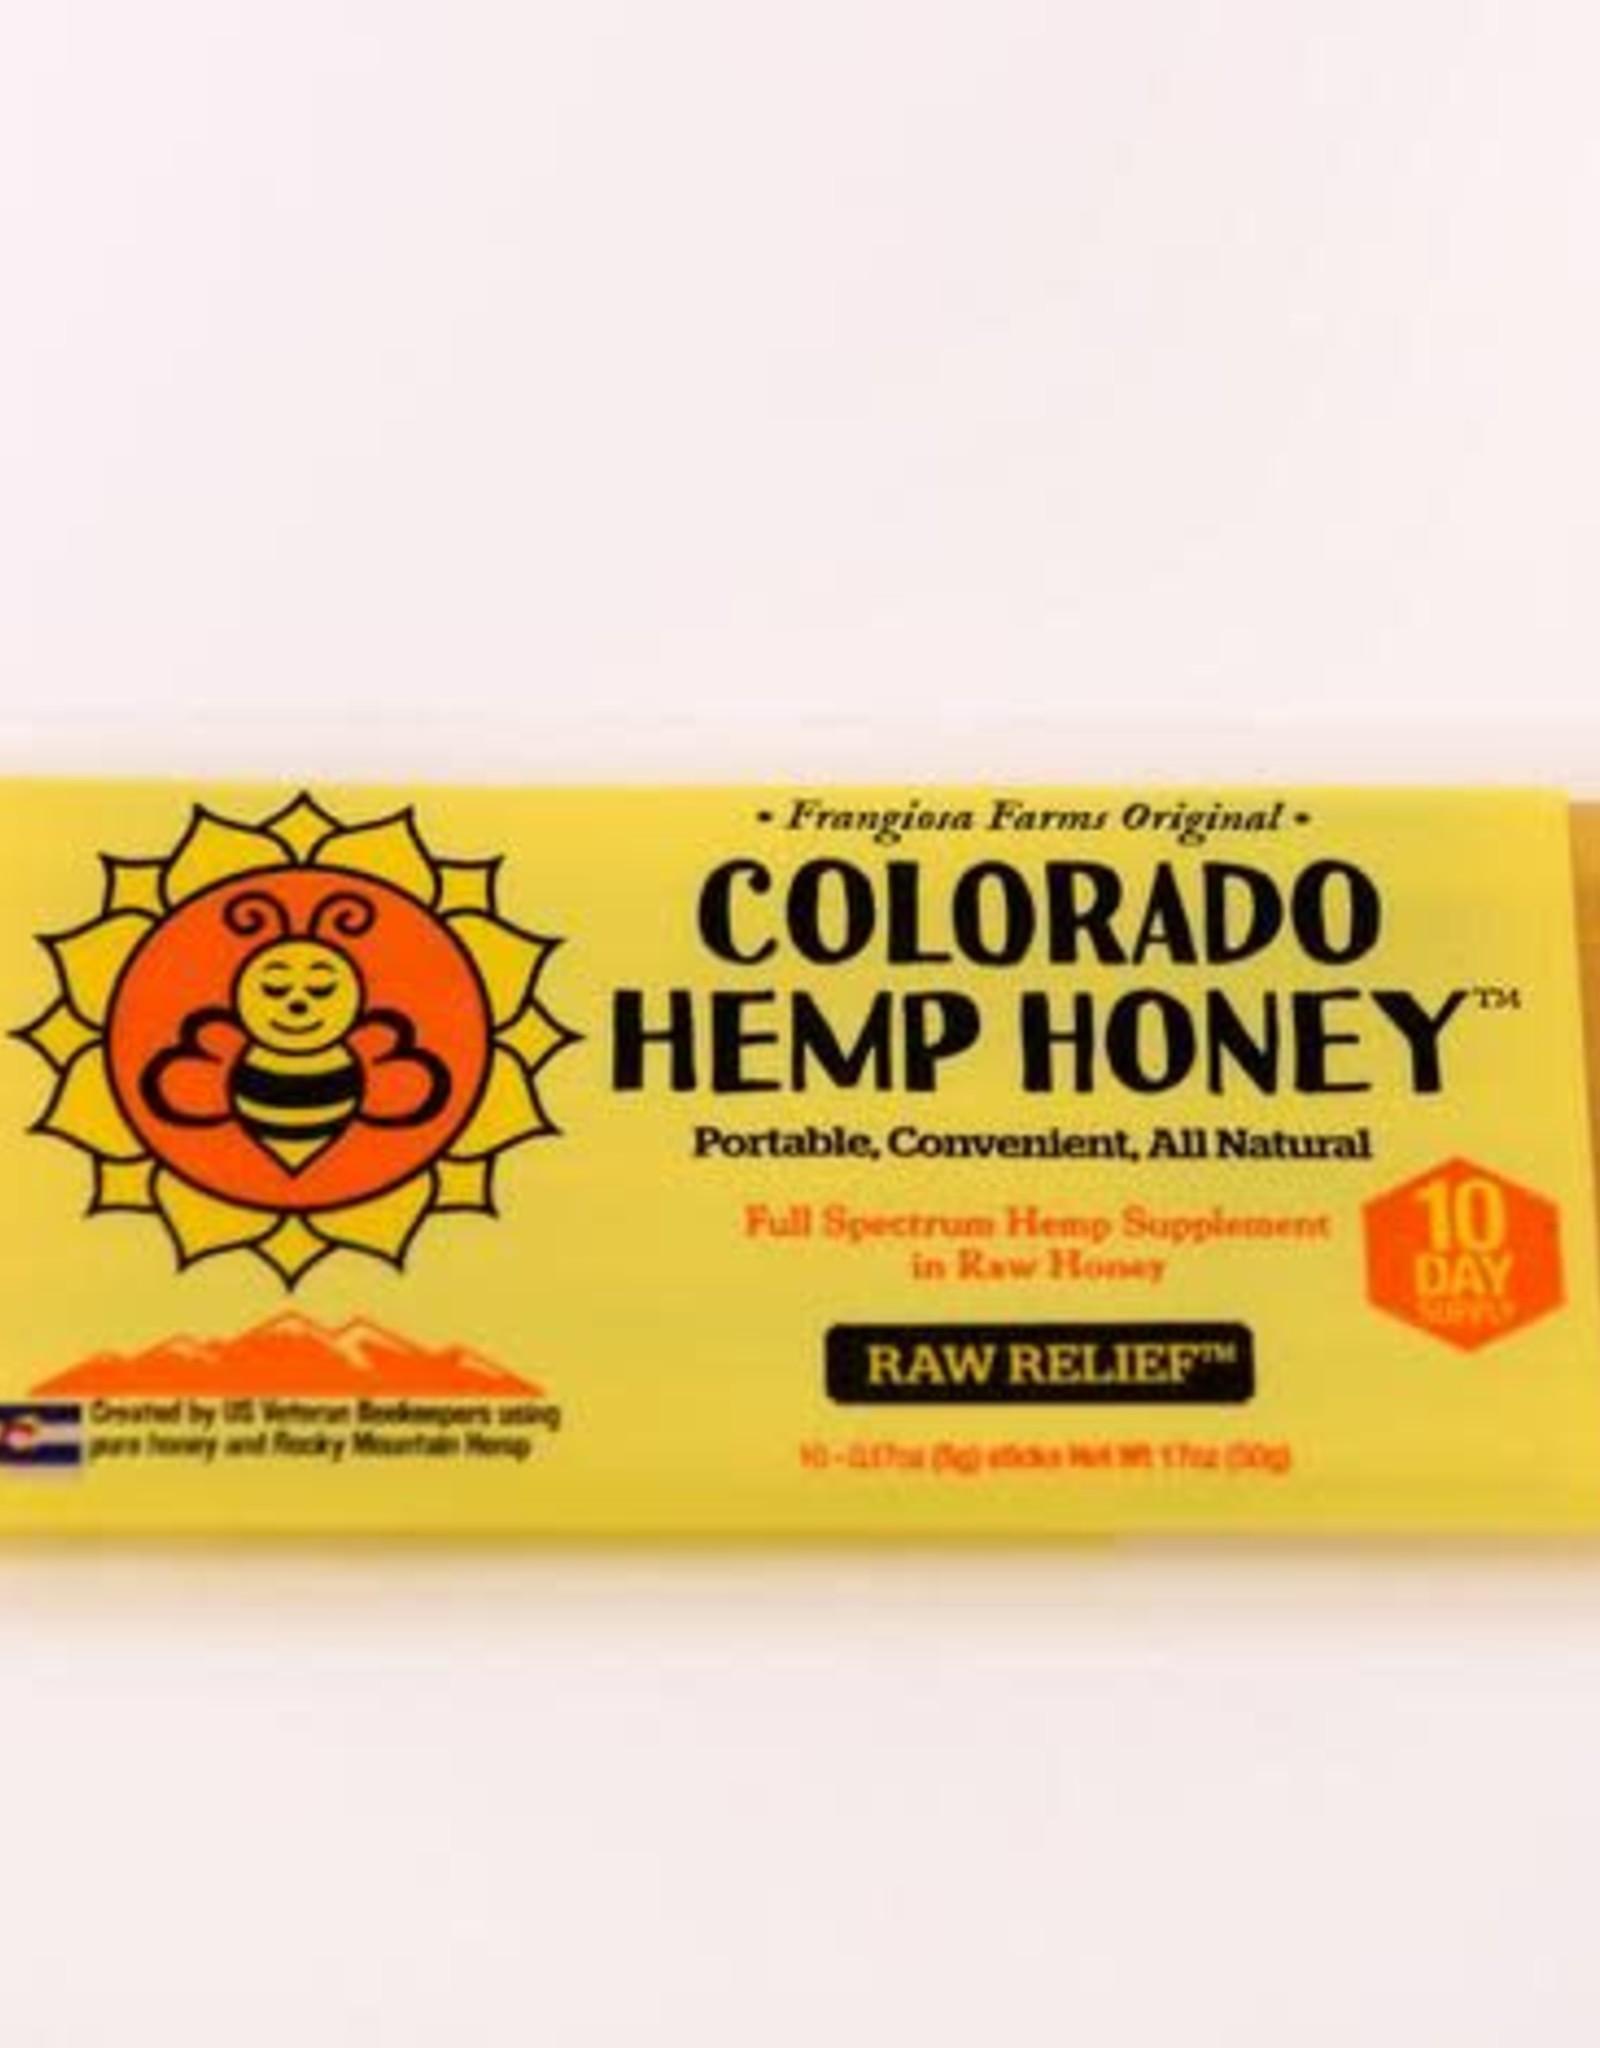 Colorado Hemp Honey Colorado Hemp Honey Raw Relief Stix